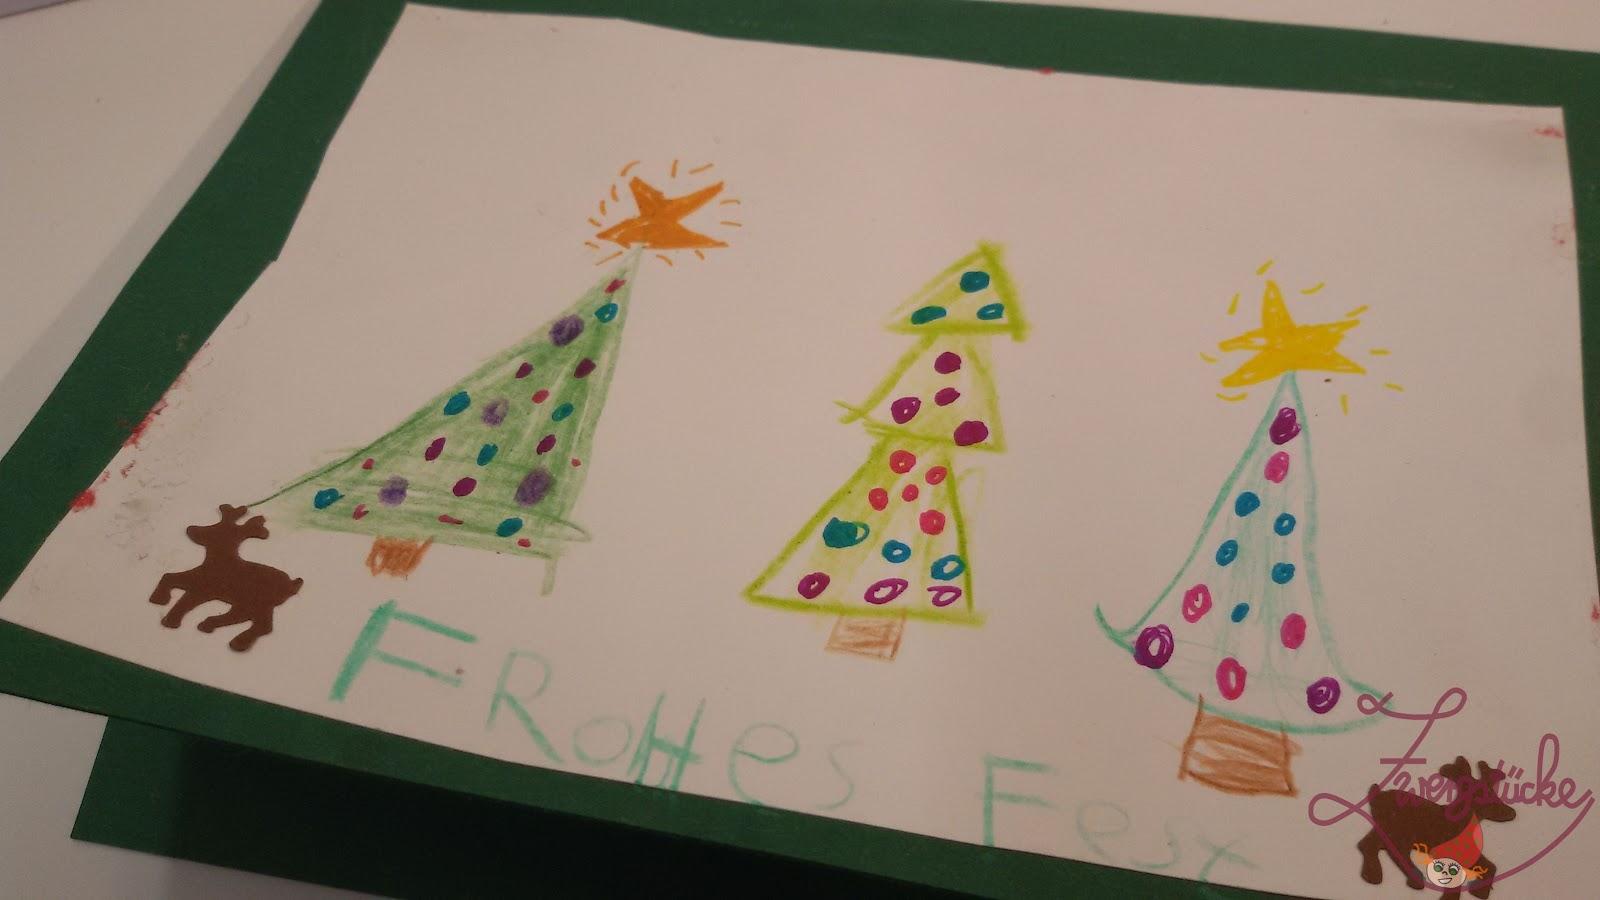 Weihnachtskarten Mit Bild Gestalten.Zwergstücke Basteln Weihnachtskarten Mit Kindern Gestalten